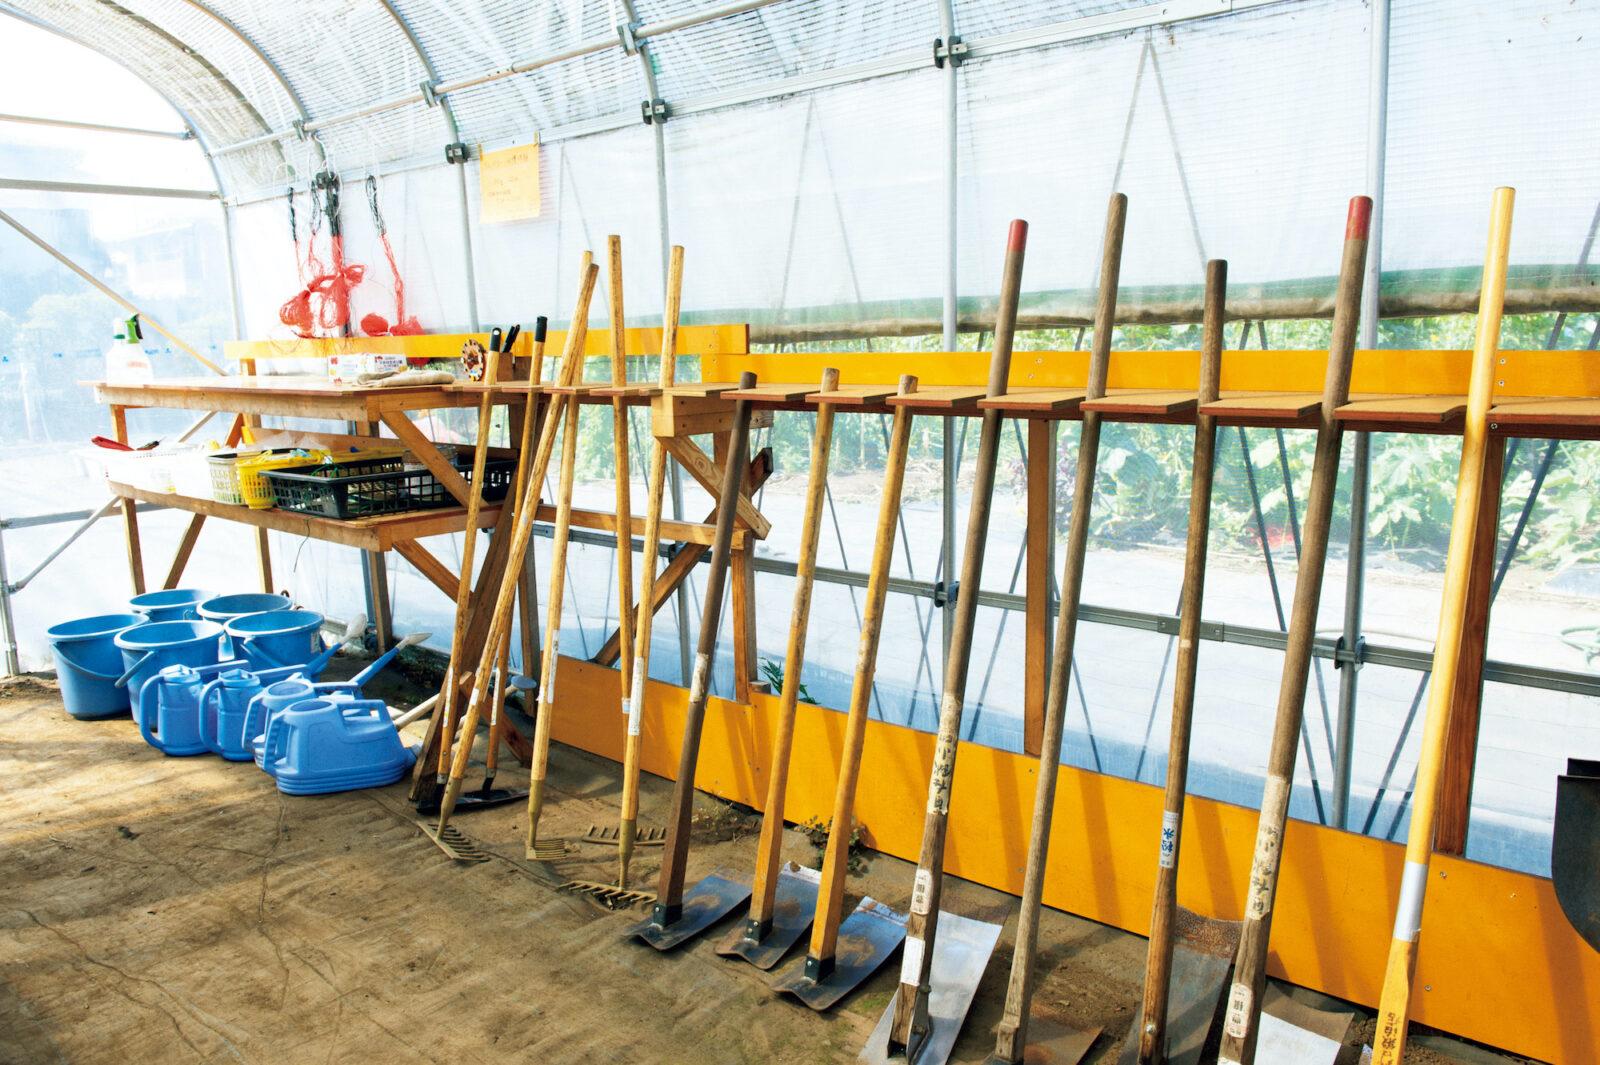 小屋には鋤や鍬など必要な道具が揃っていて貸し出し自由、堆肥の配分などわからないことも教えてもらえる。